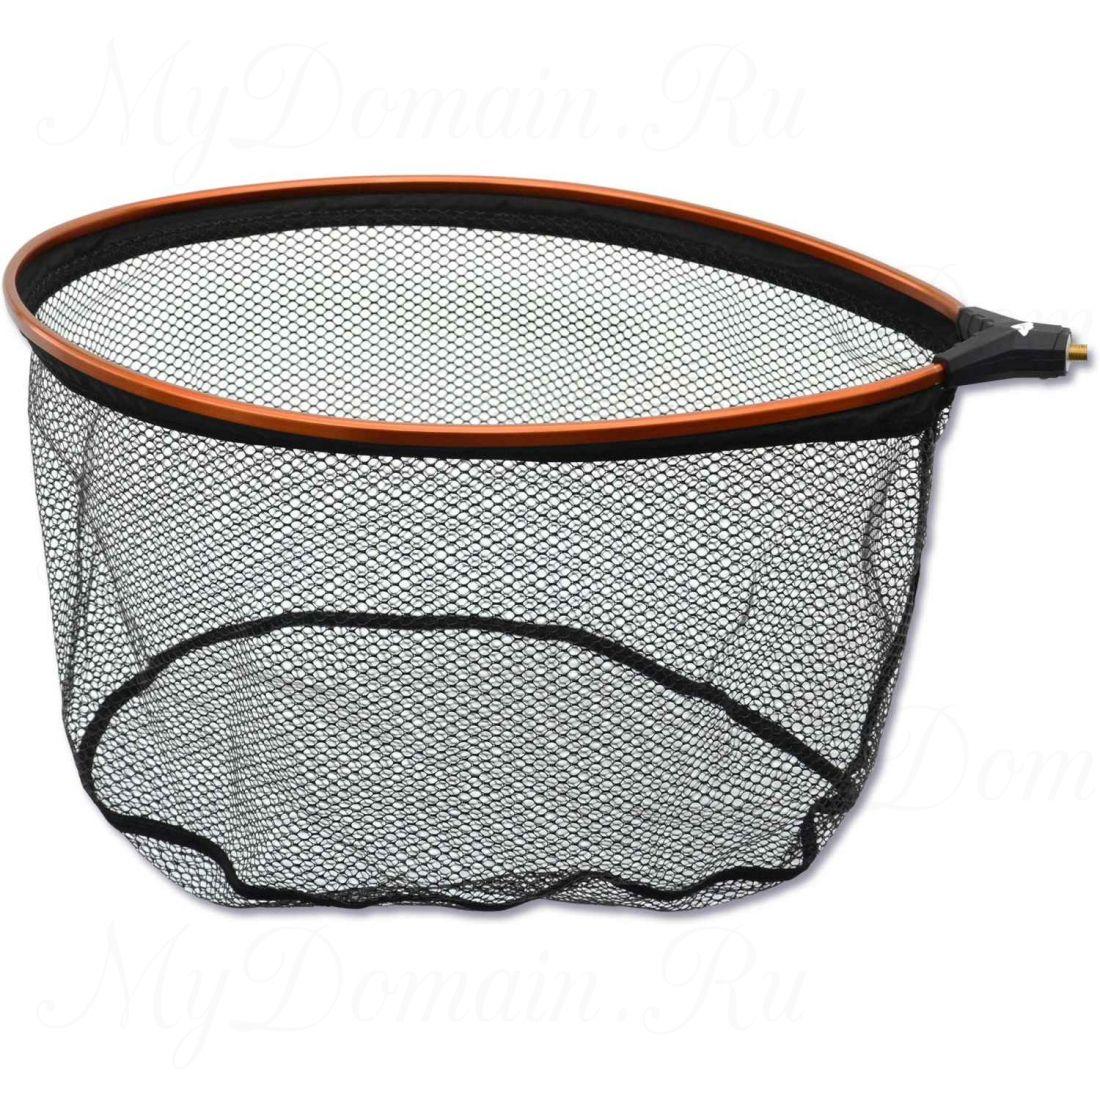 Подсак без ручки Browning Landing Net No-Snag Latex, size M, ПВХ с латексным покрытием, размеры обруча 50*35*28 см, ячейка 5X5 мм.